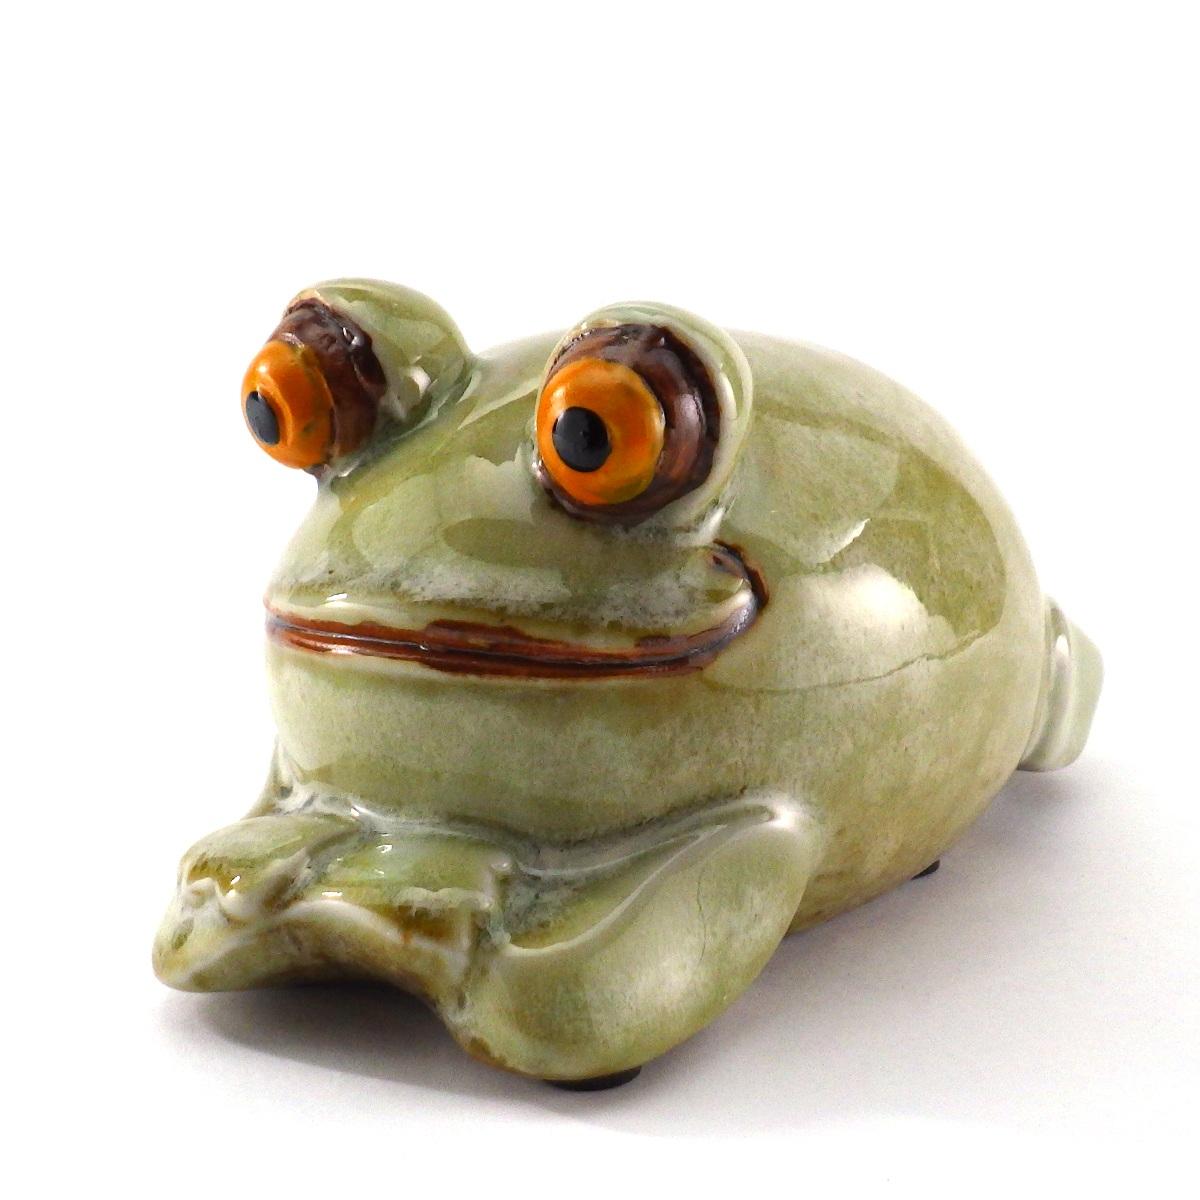 数量限定 カエル かえる 風水 置物 グッズ 開運祈願 かえるの置物 金運祈願 WEB限定 雑貨 かわいい 25日まで 飾り物 10%OFFクーポン めでカエル カエルの置物 風水グッズ 玄関 インテリア 陶器 2021 蛙 庭